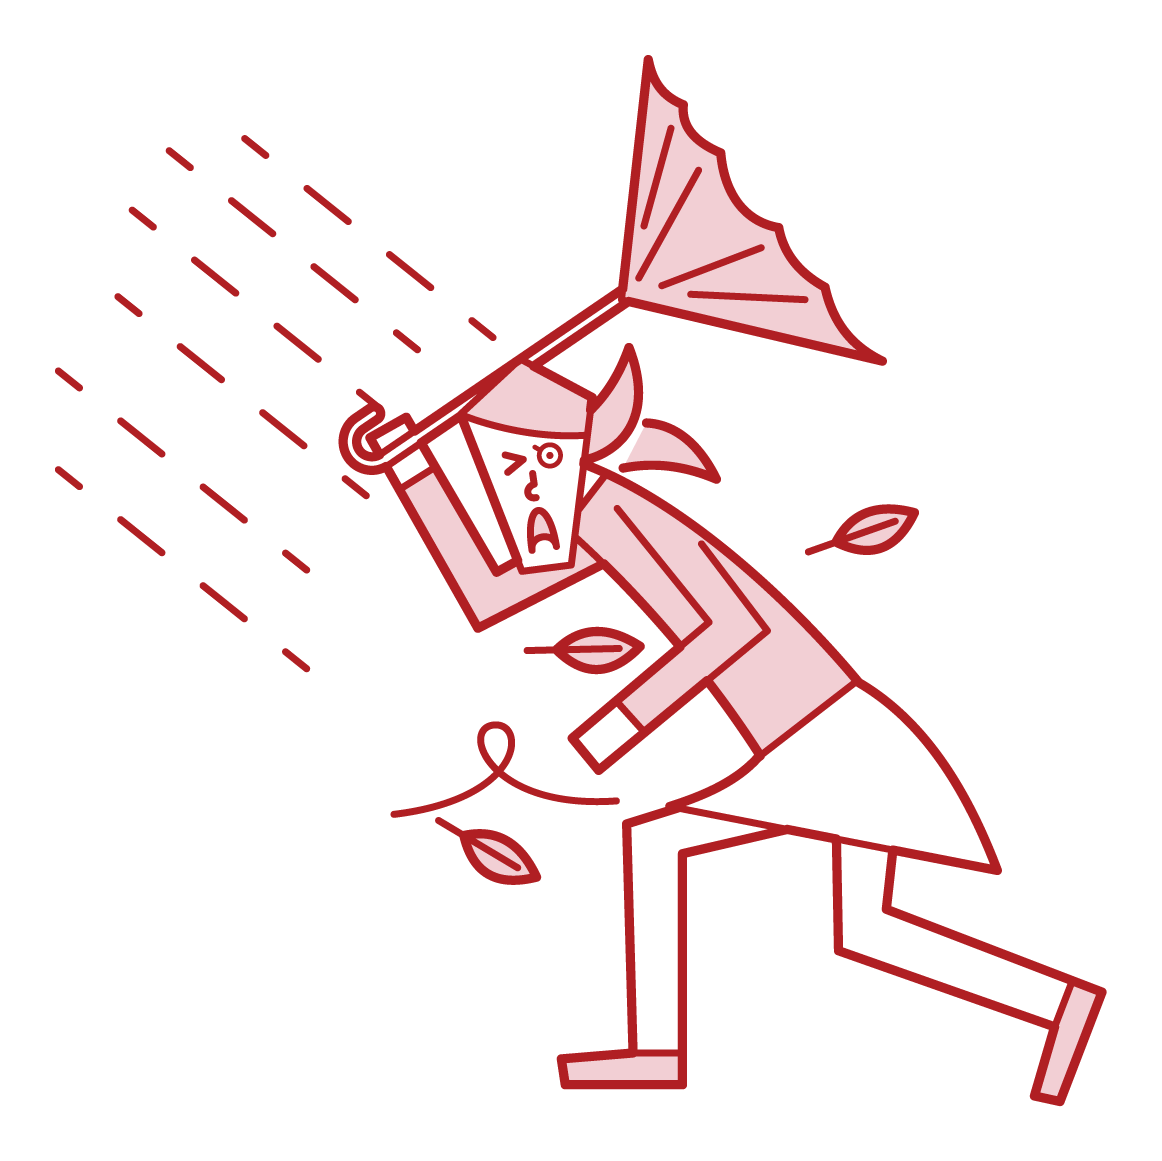 강한 바람에 걷는 사람 (여성)의 그림